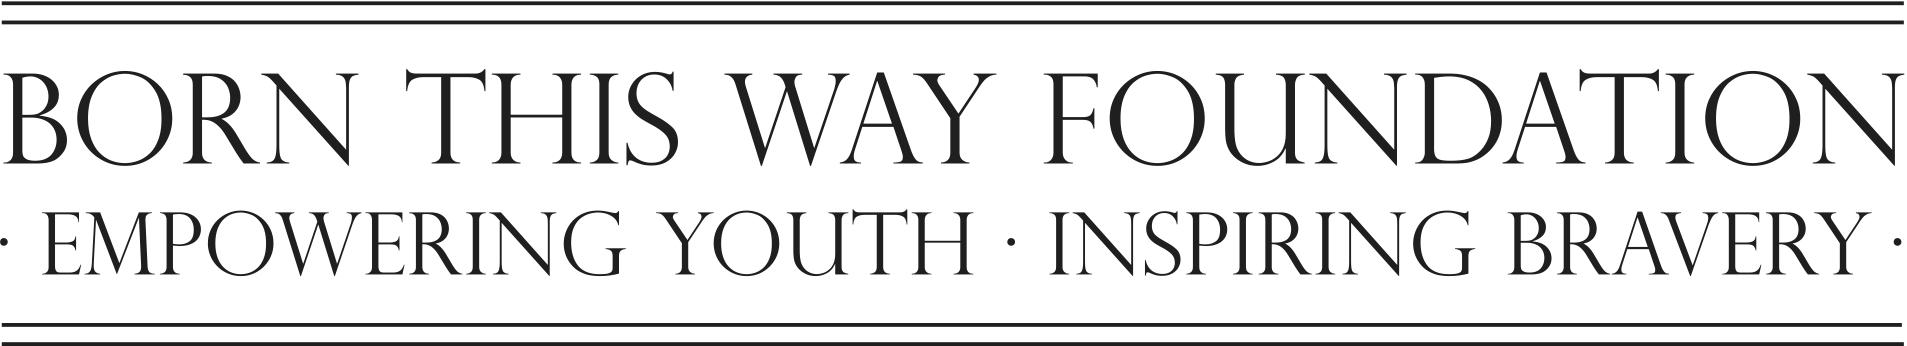 BTWF logo